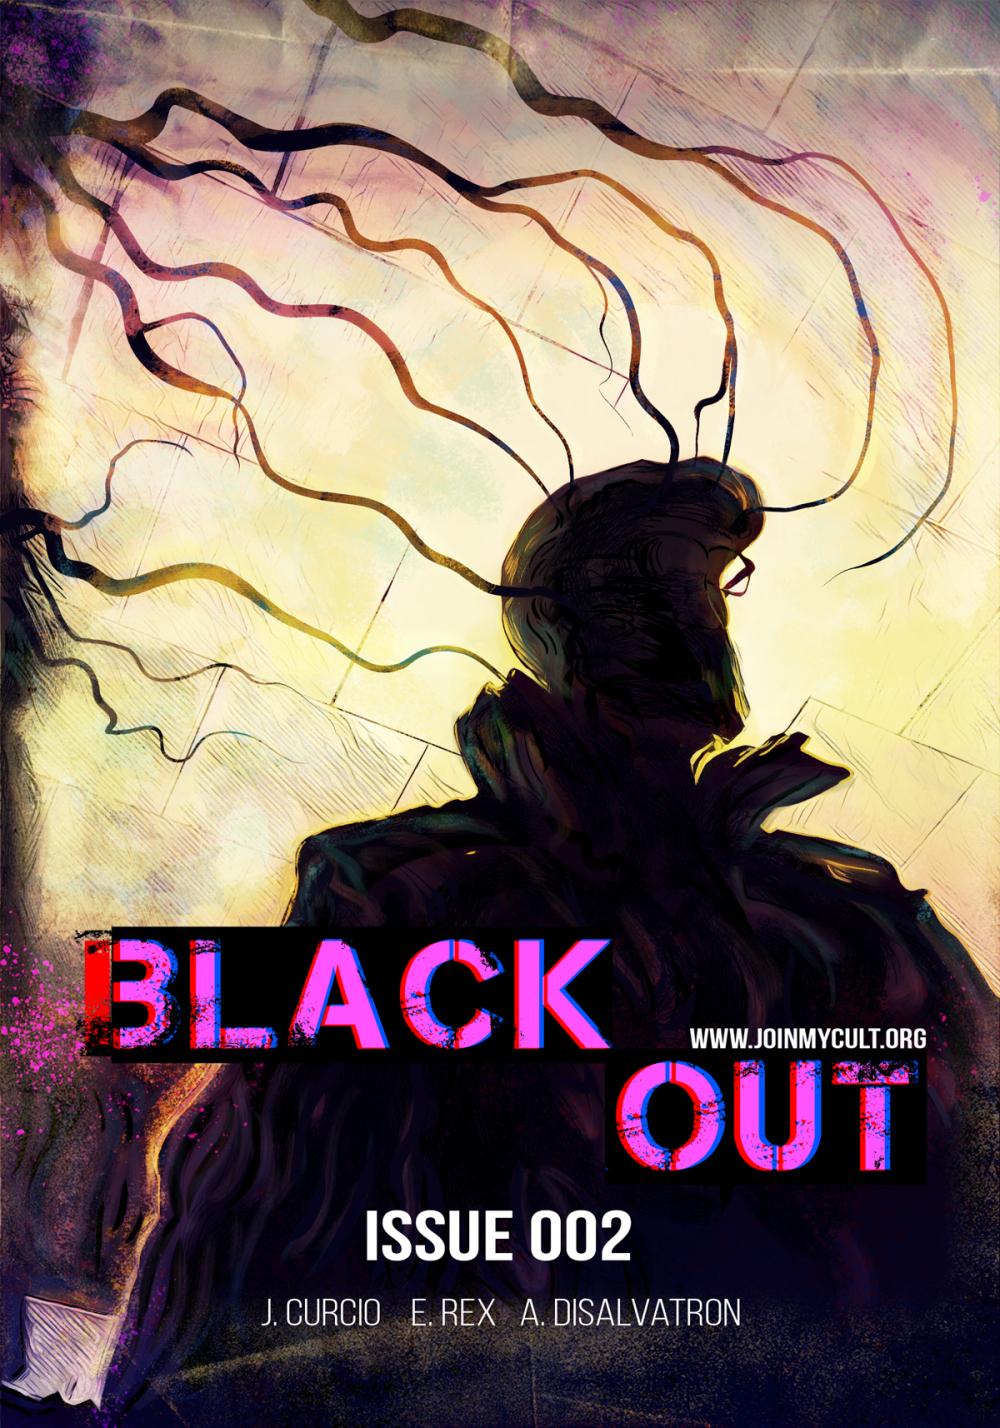 BLACKOUTcover2